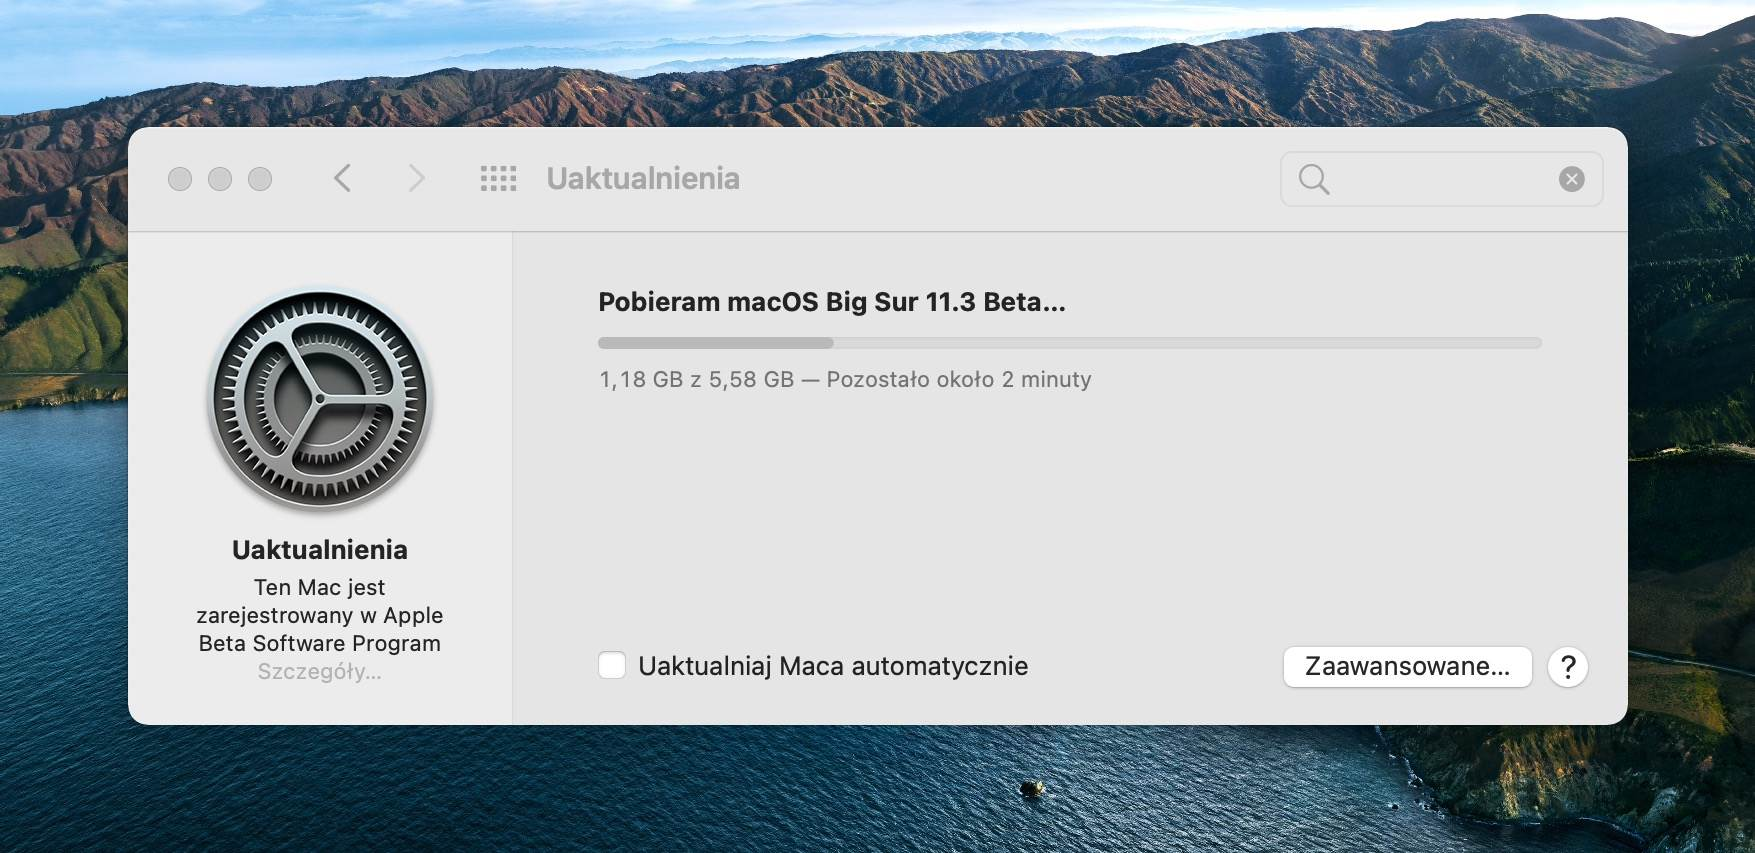 macOS Big Sur 11.3 beta 3 dostępny polecane, ciekawostki Nowości, macOS BigSur 11.3 beta 3, macOS Big Sur beta, lista zmian w macOS BigSur 11.3 beta 3, lista nowości, co nowego w macOS BigSur 11.3 beta 3, co nowego  Bardzo dobre wieści dla beta testów macOS. Właśnie teraz firma Apple udostępniła deweloperom macOS Big Sur 11.3 beta 3. macos11.3